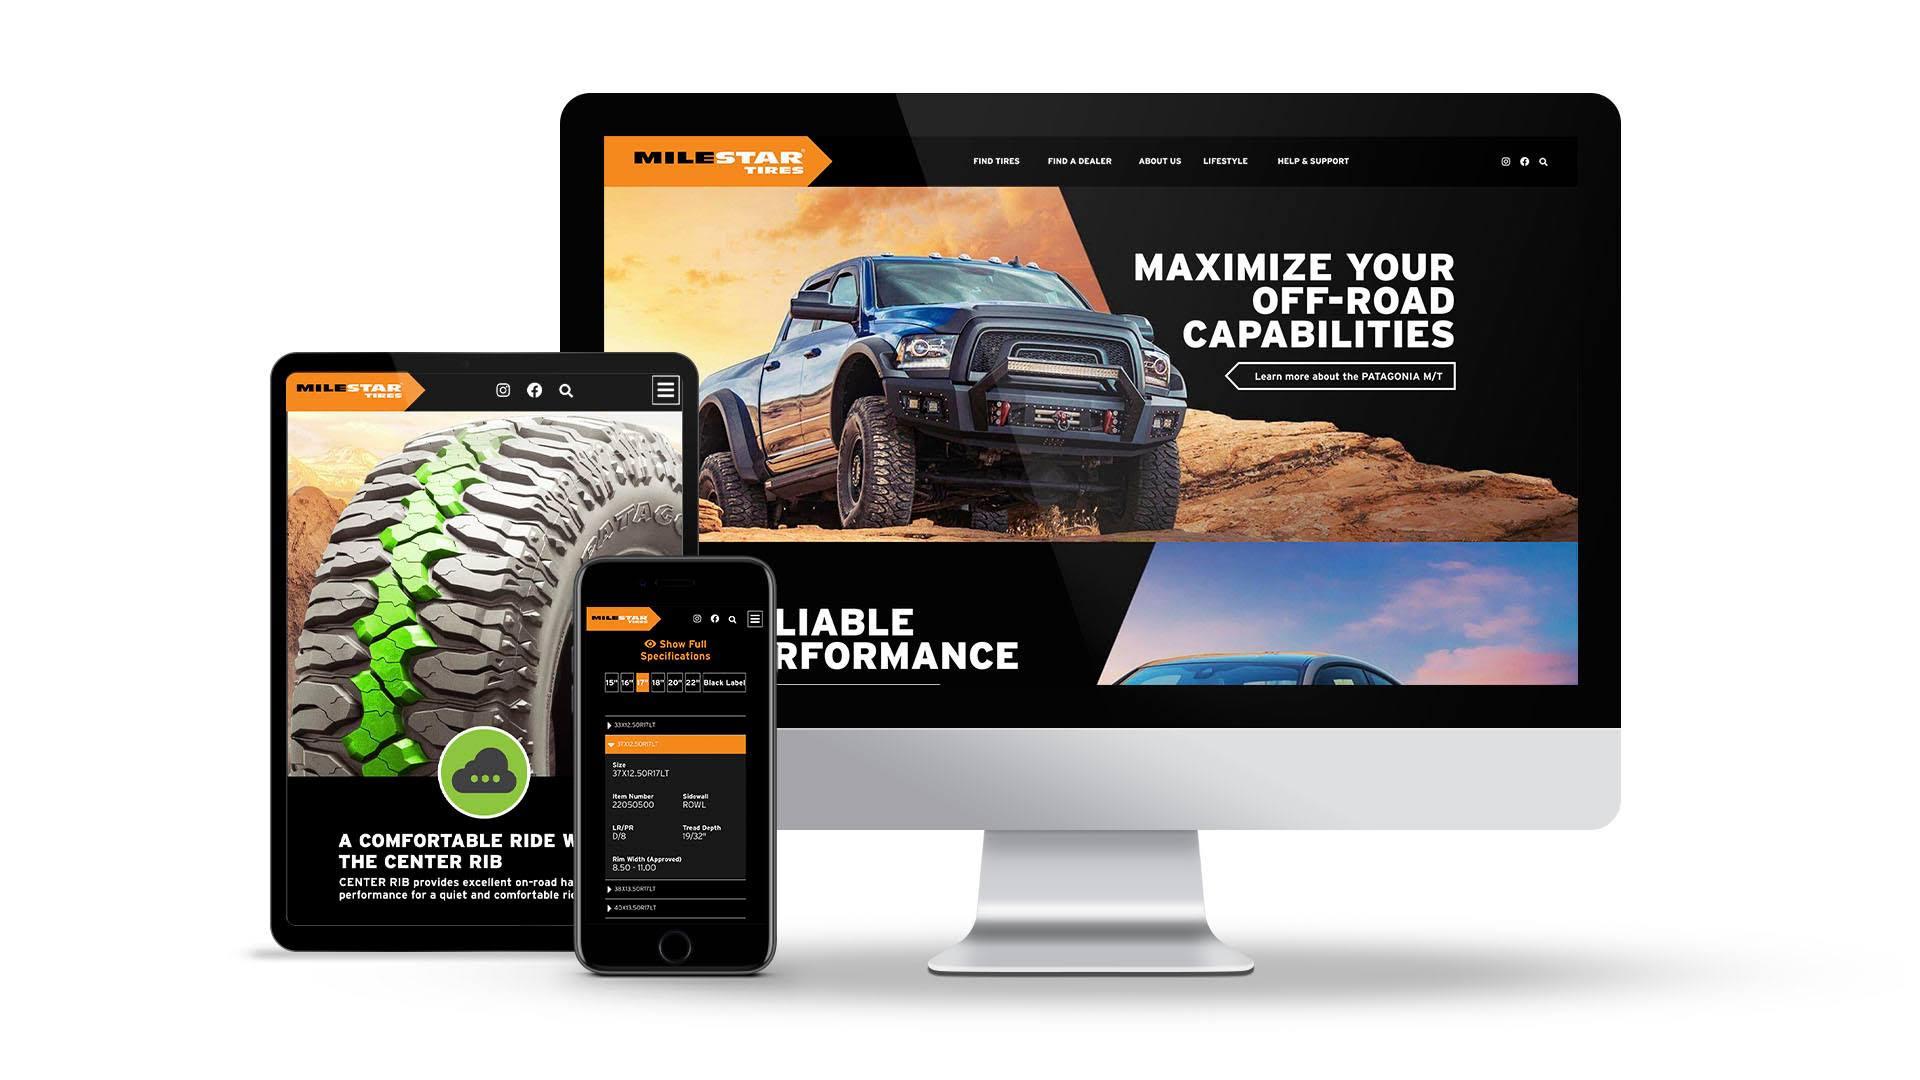 Milestar Website Update Is Interactive